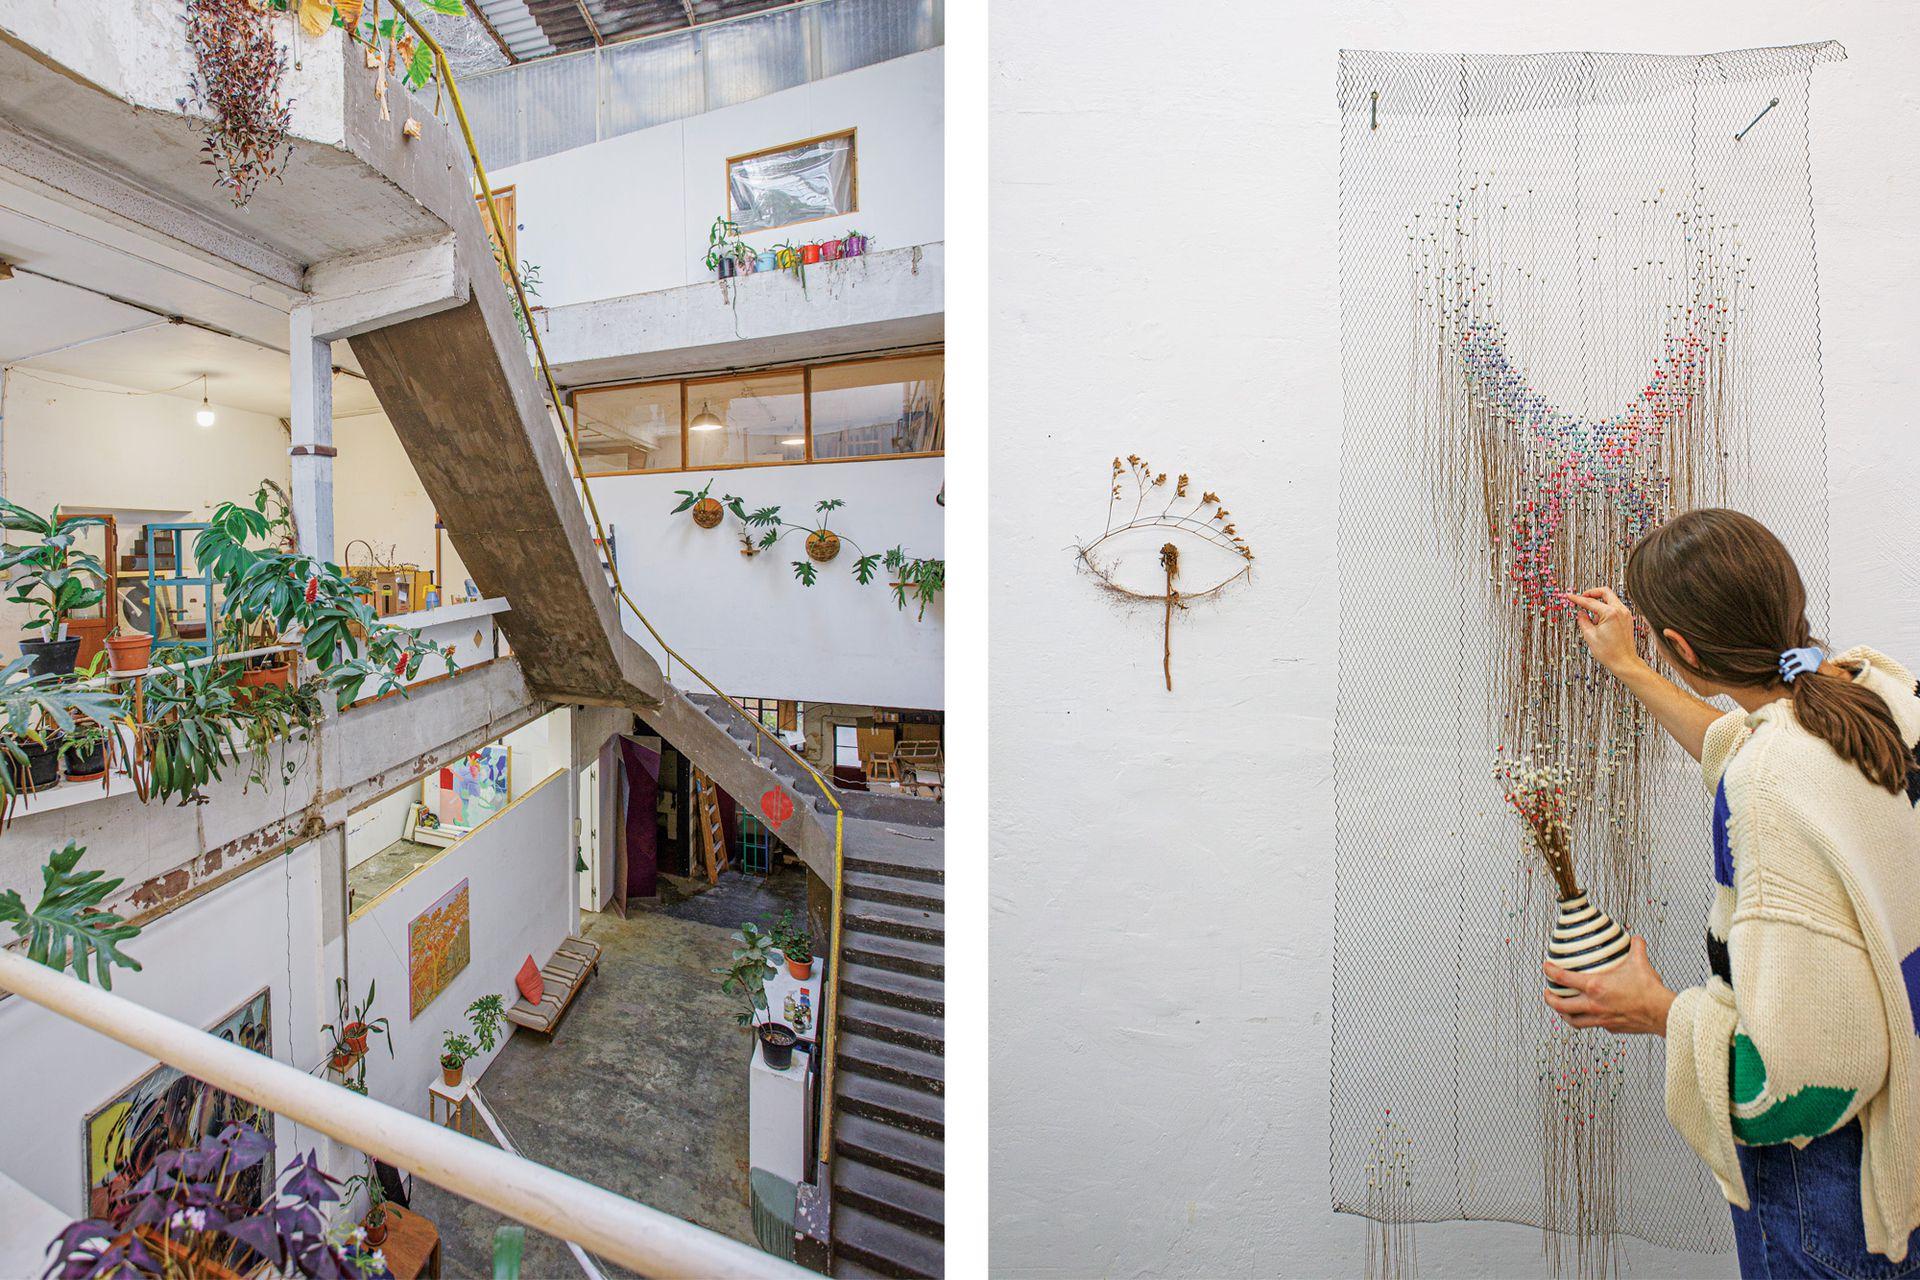 """El Taller Maturín (Maturín 2256) funciona en una antigua fábrica de muebles. Florencia Lista trabajando en lo que denomina el """"tercer paisaje botánico""""."""